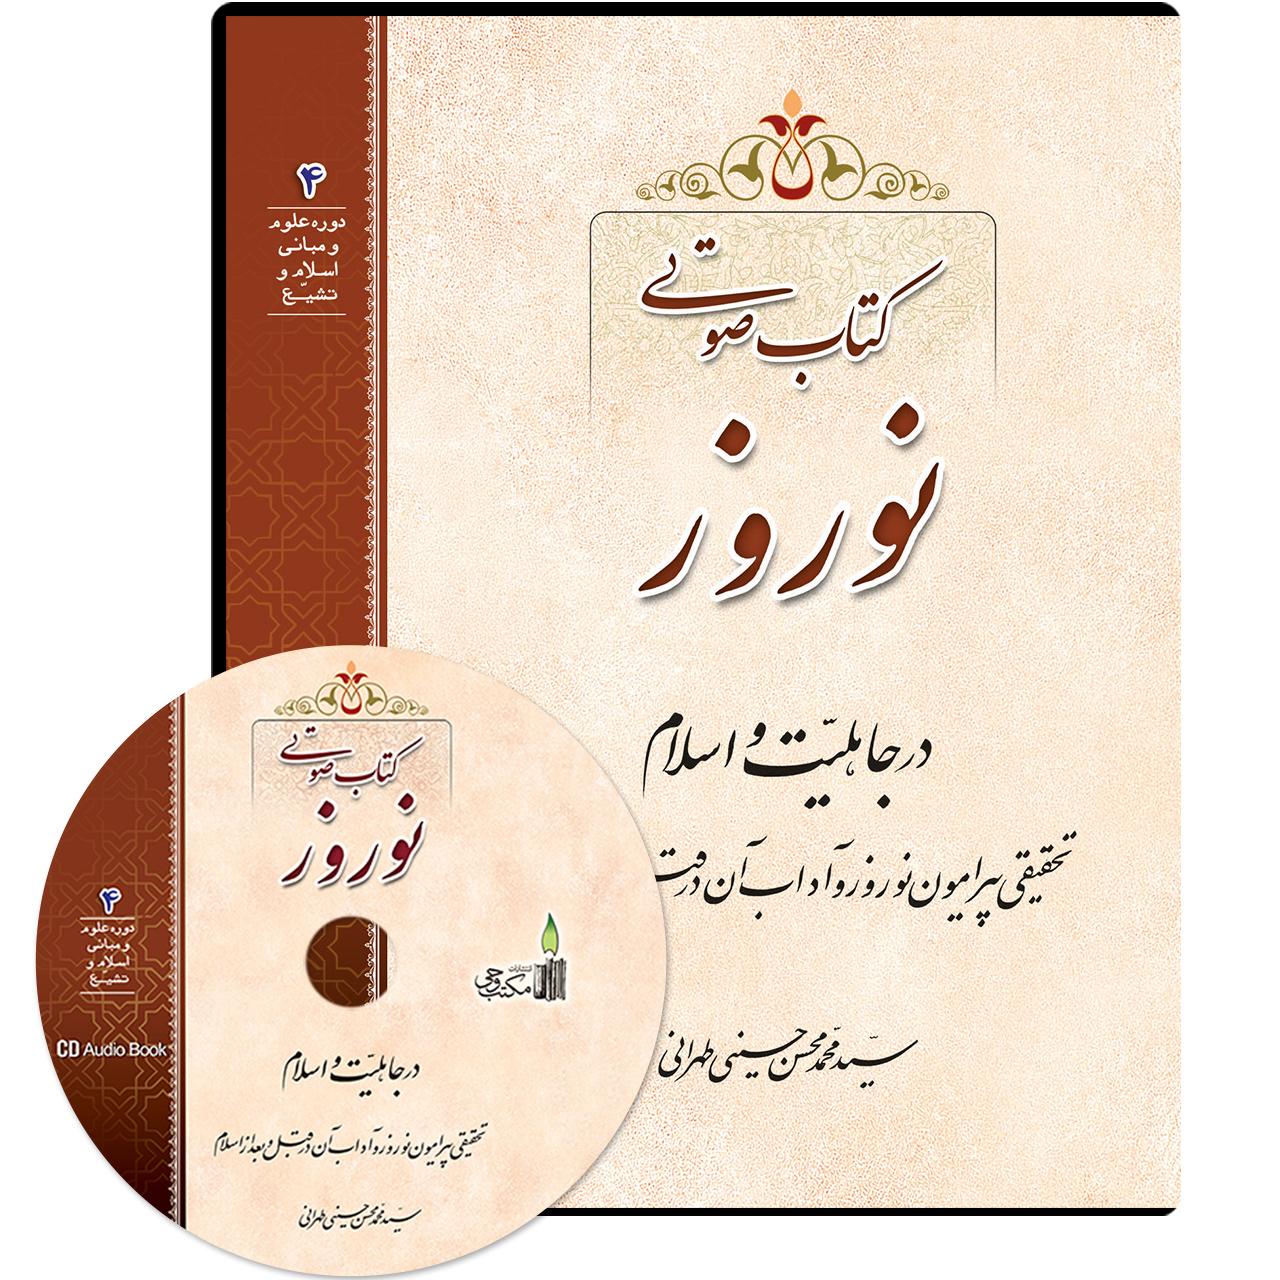 کتاب صوتی نوروز اثر سید محمد محسن حسینی طهرانی نشر مکتب وحی